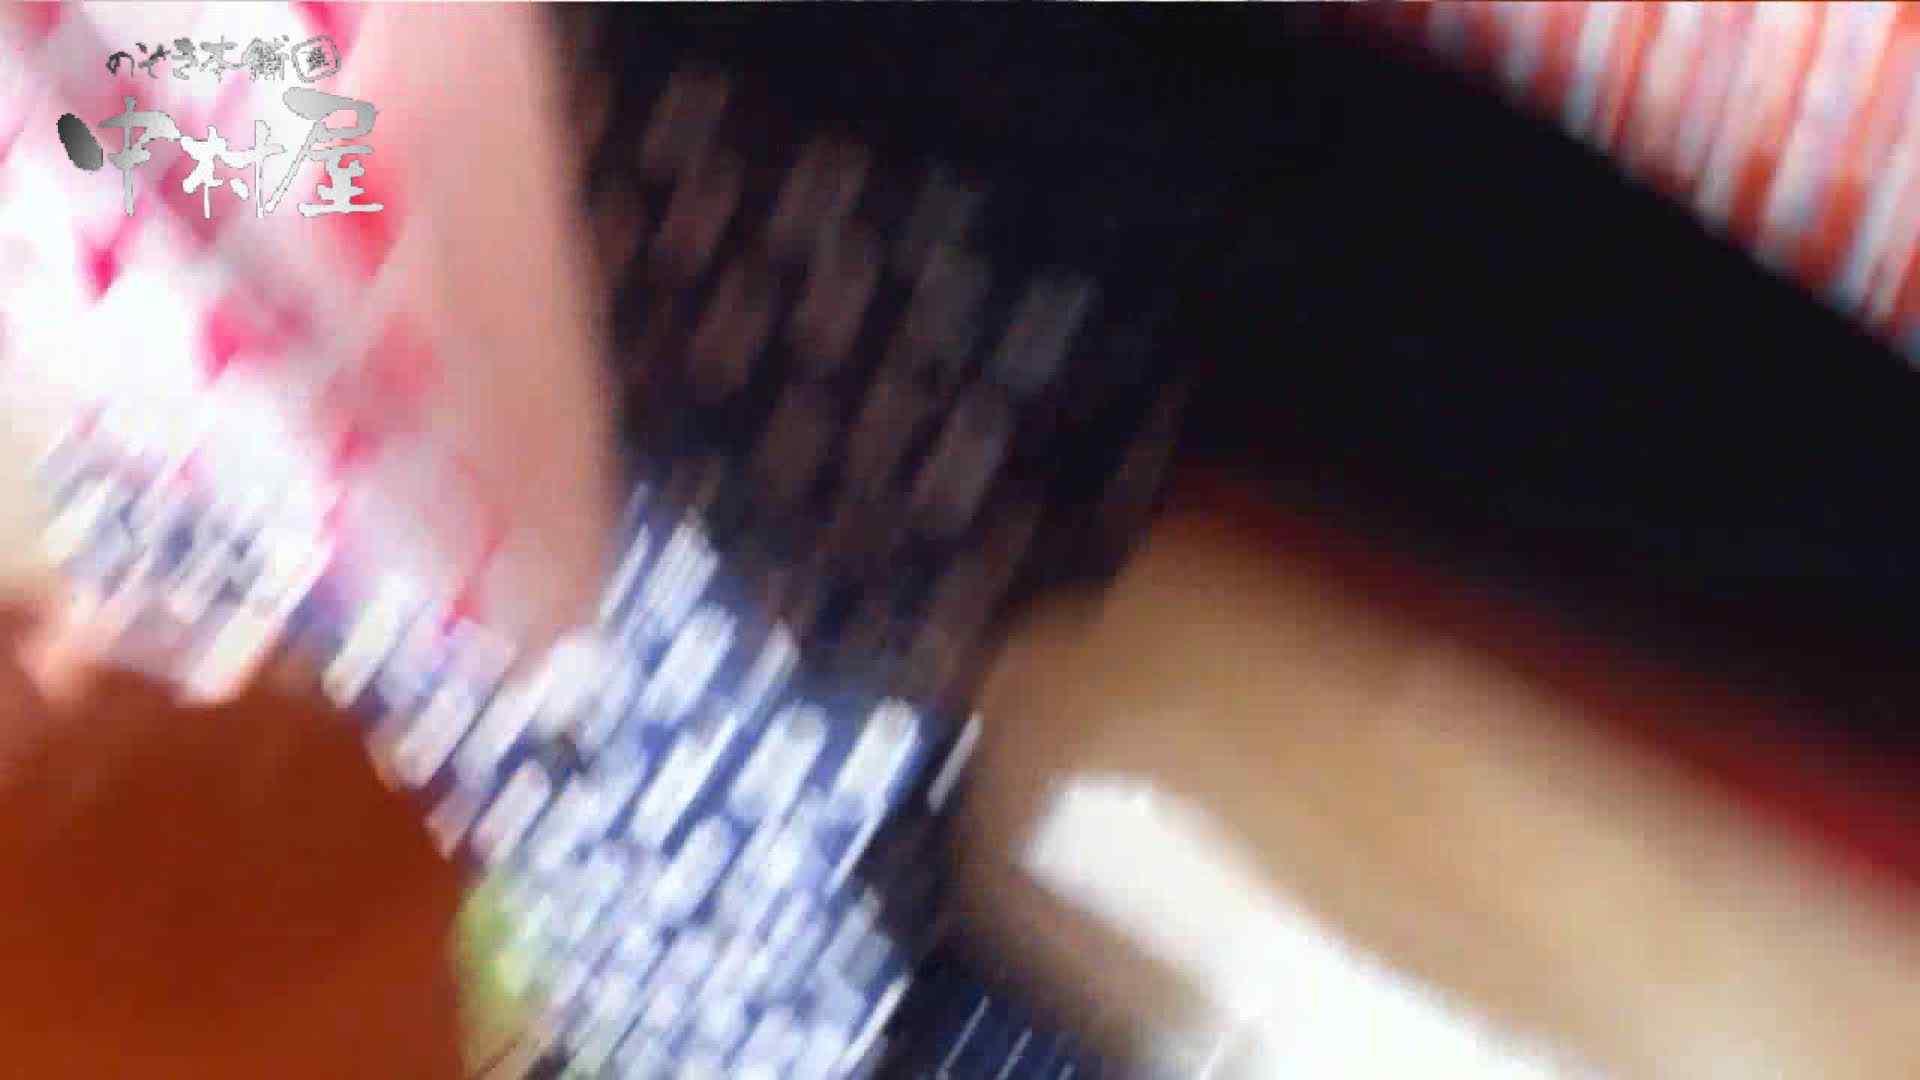 vol.52 美人アパレル胸チラ&パンチラ おとなしそうな店員の胸元にアタック! OLセックス | パンチラ  86画像 41